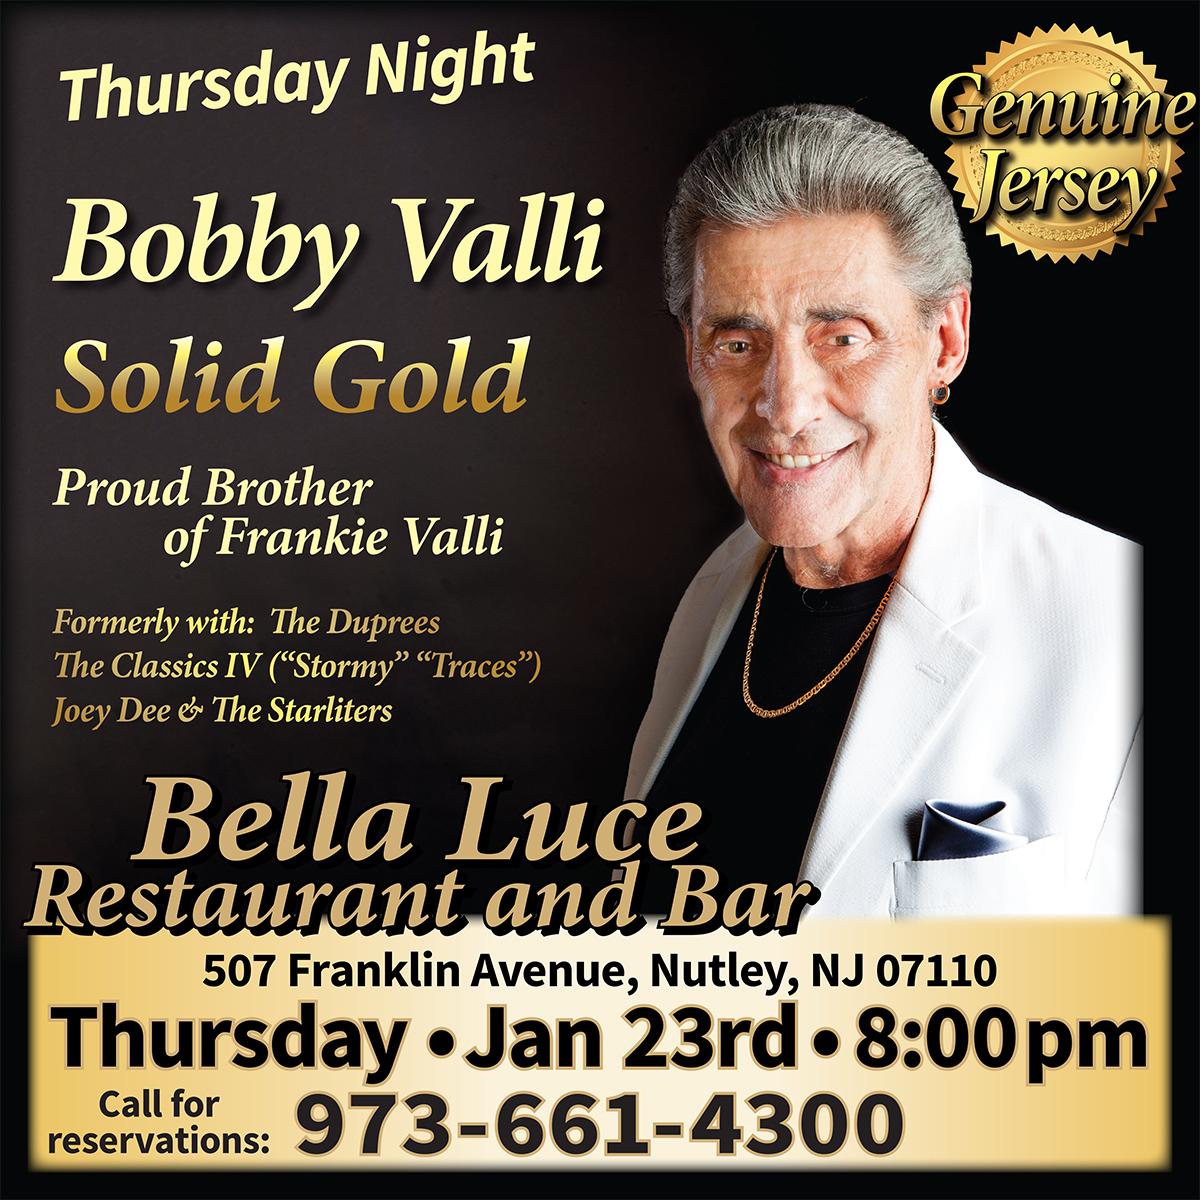 Bobby Valli - January 23rd, 2020